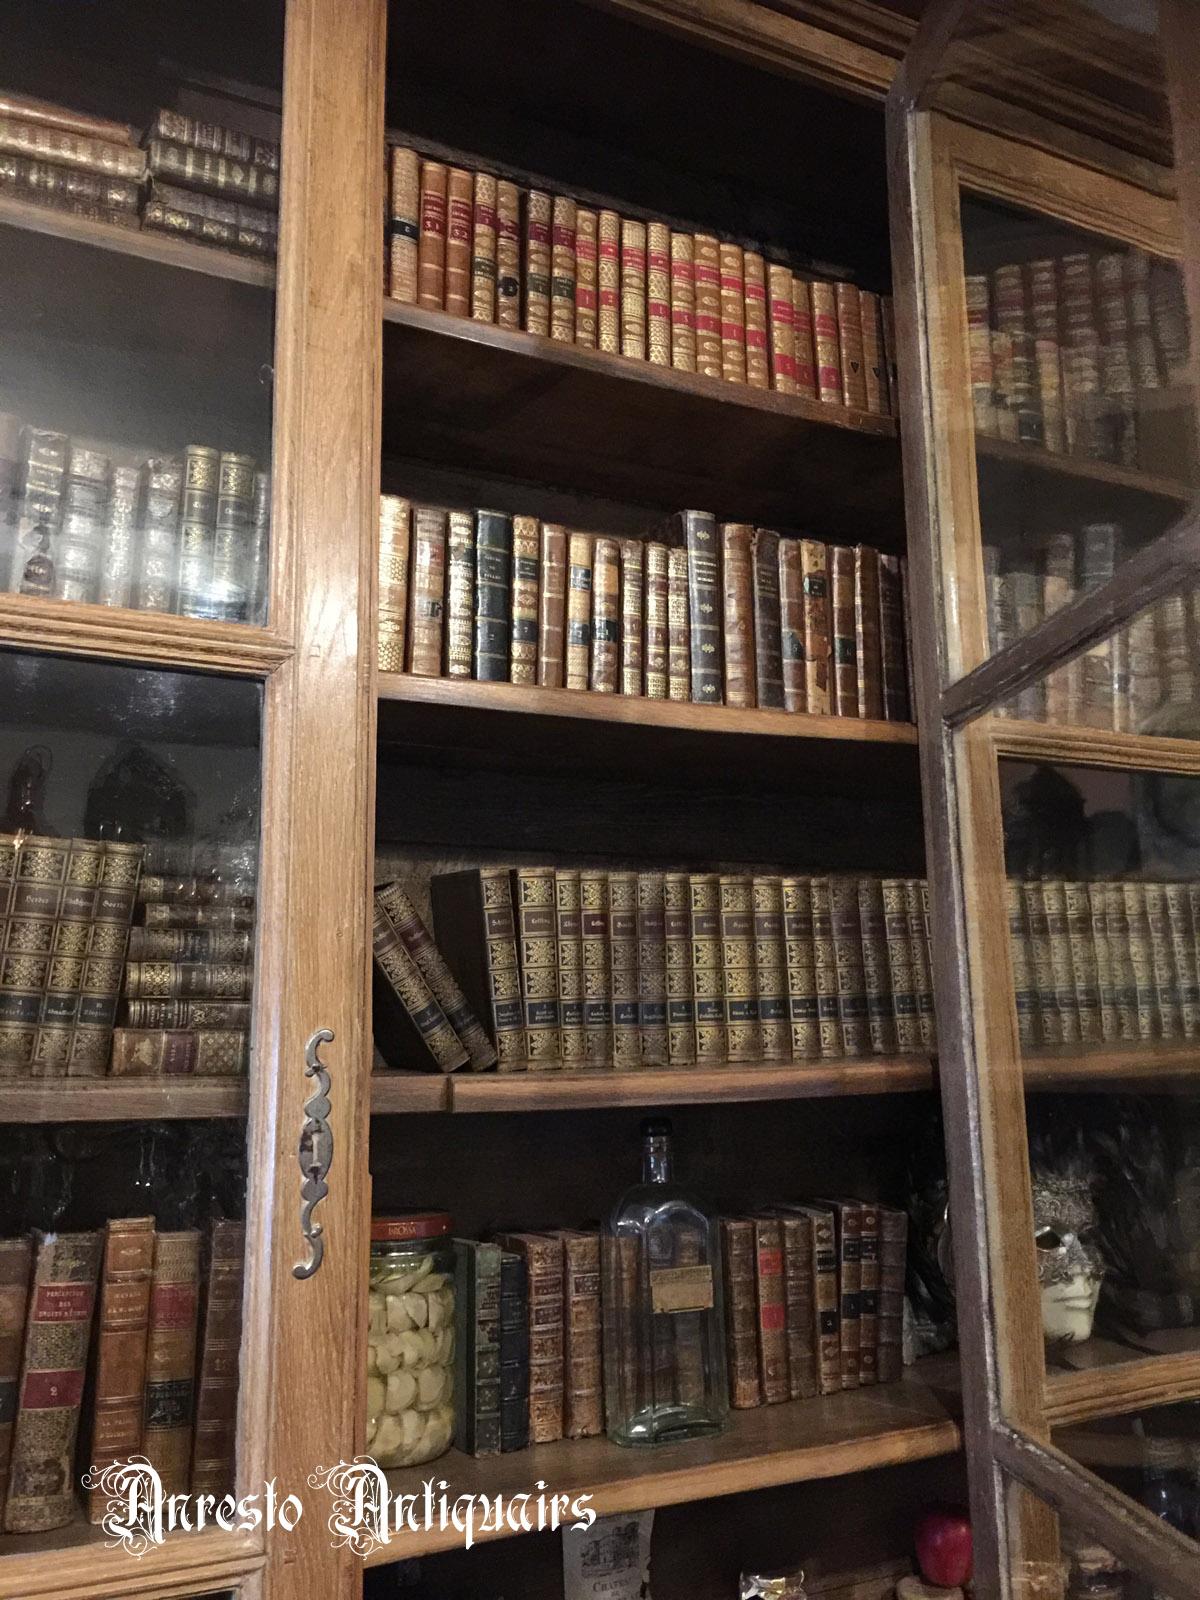 Ref. 01 – Bibliotheek kast